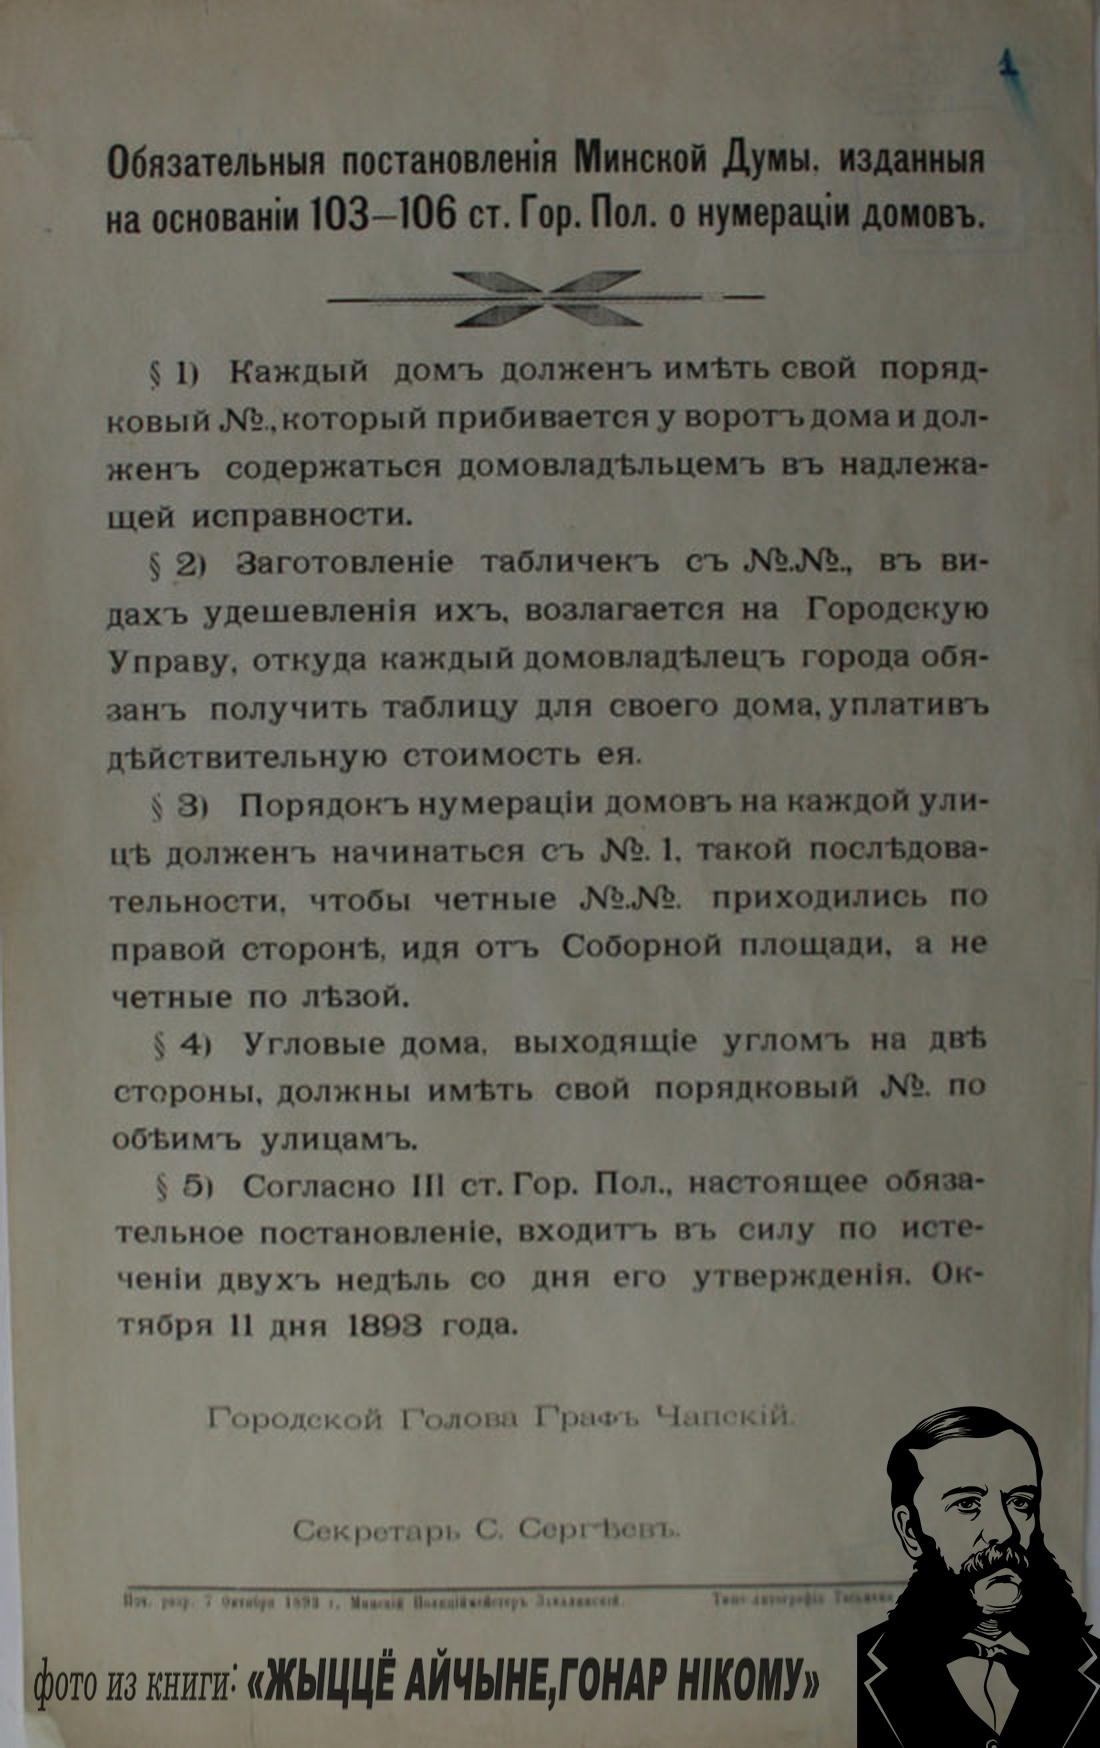 Обязательные постановления Минской думы